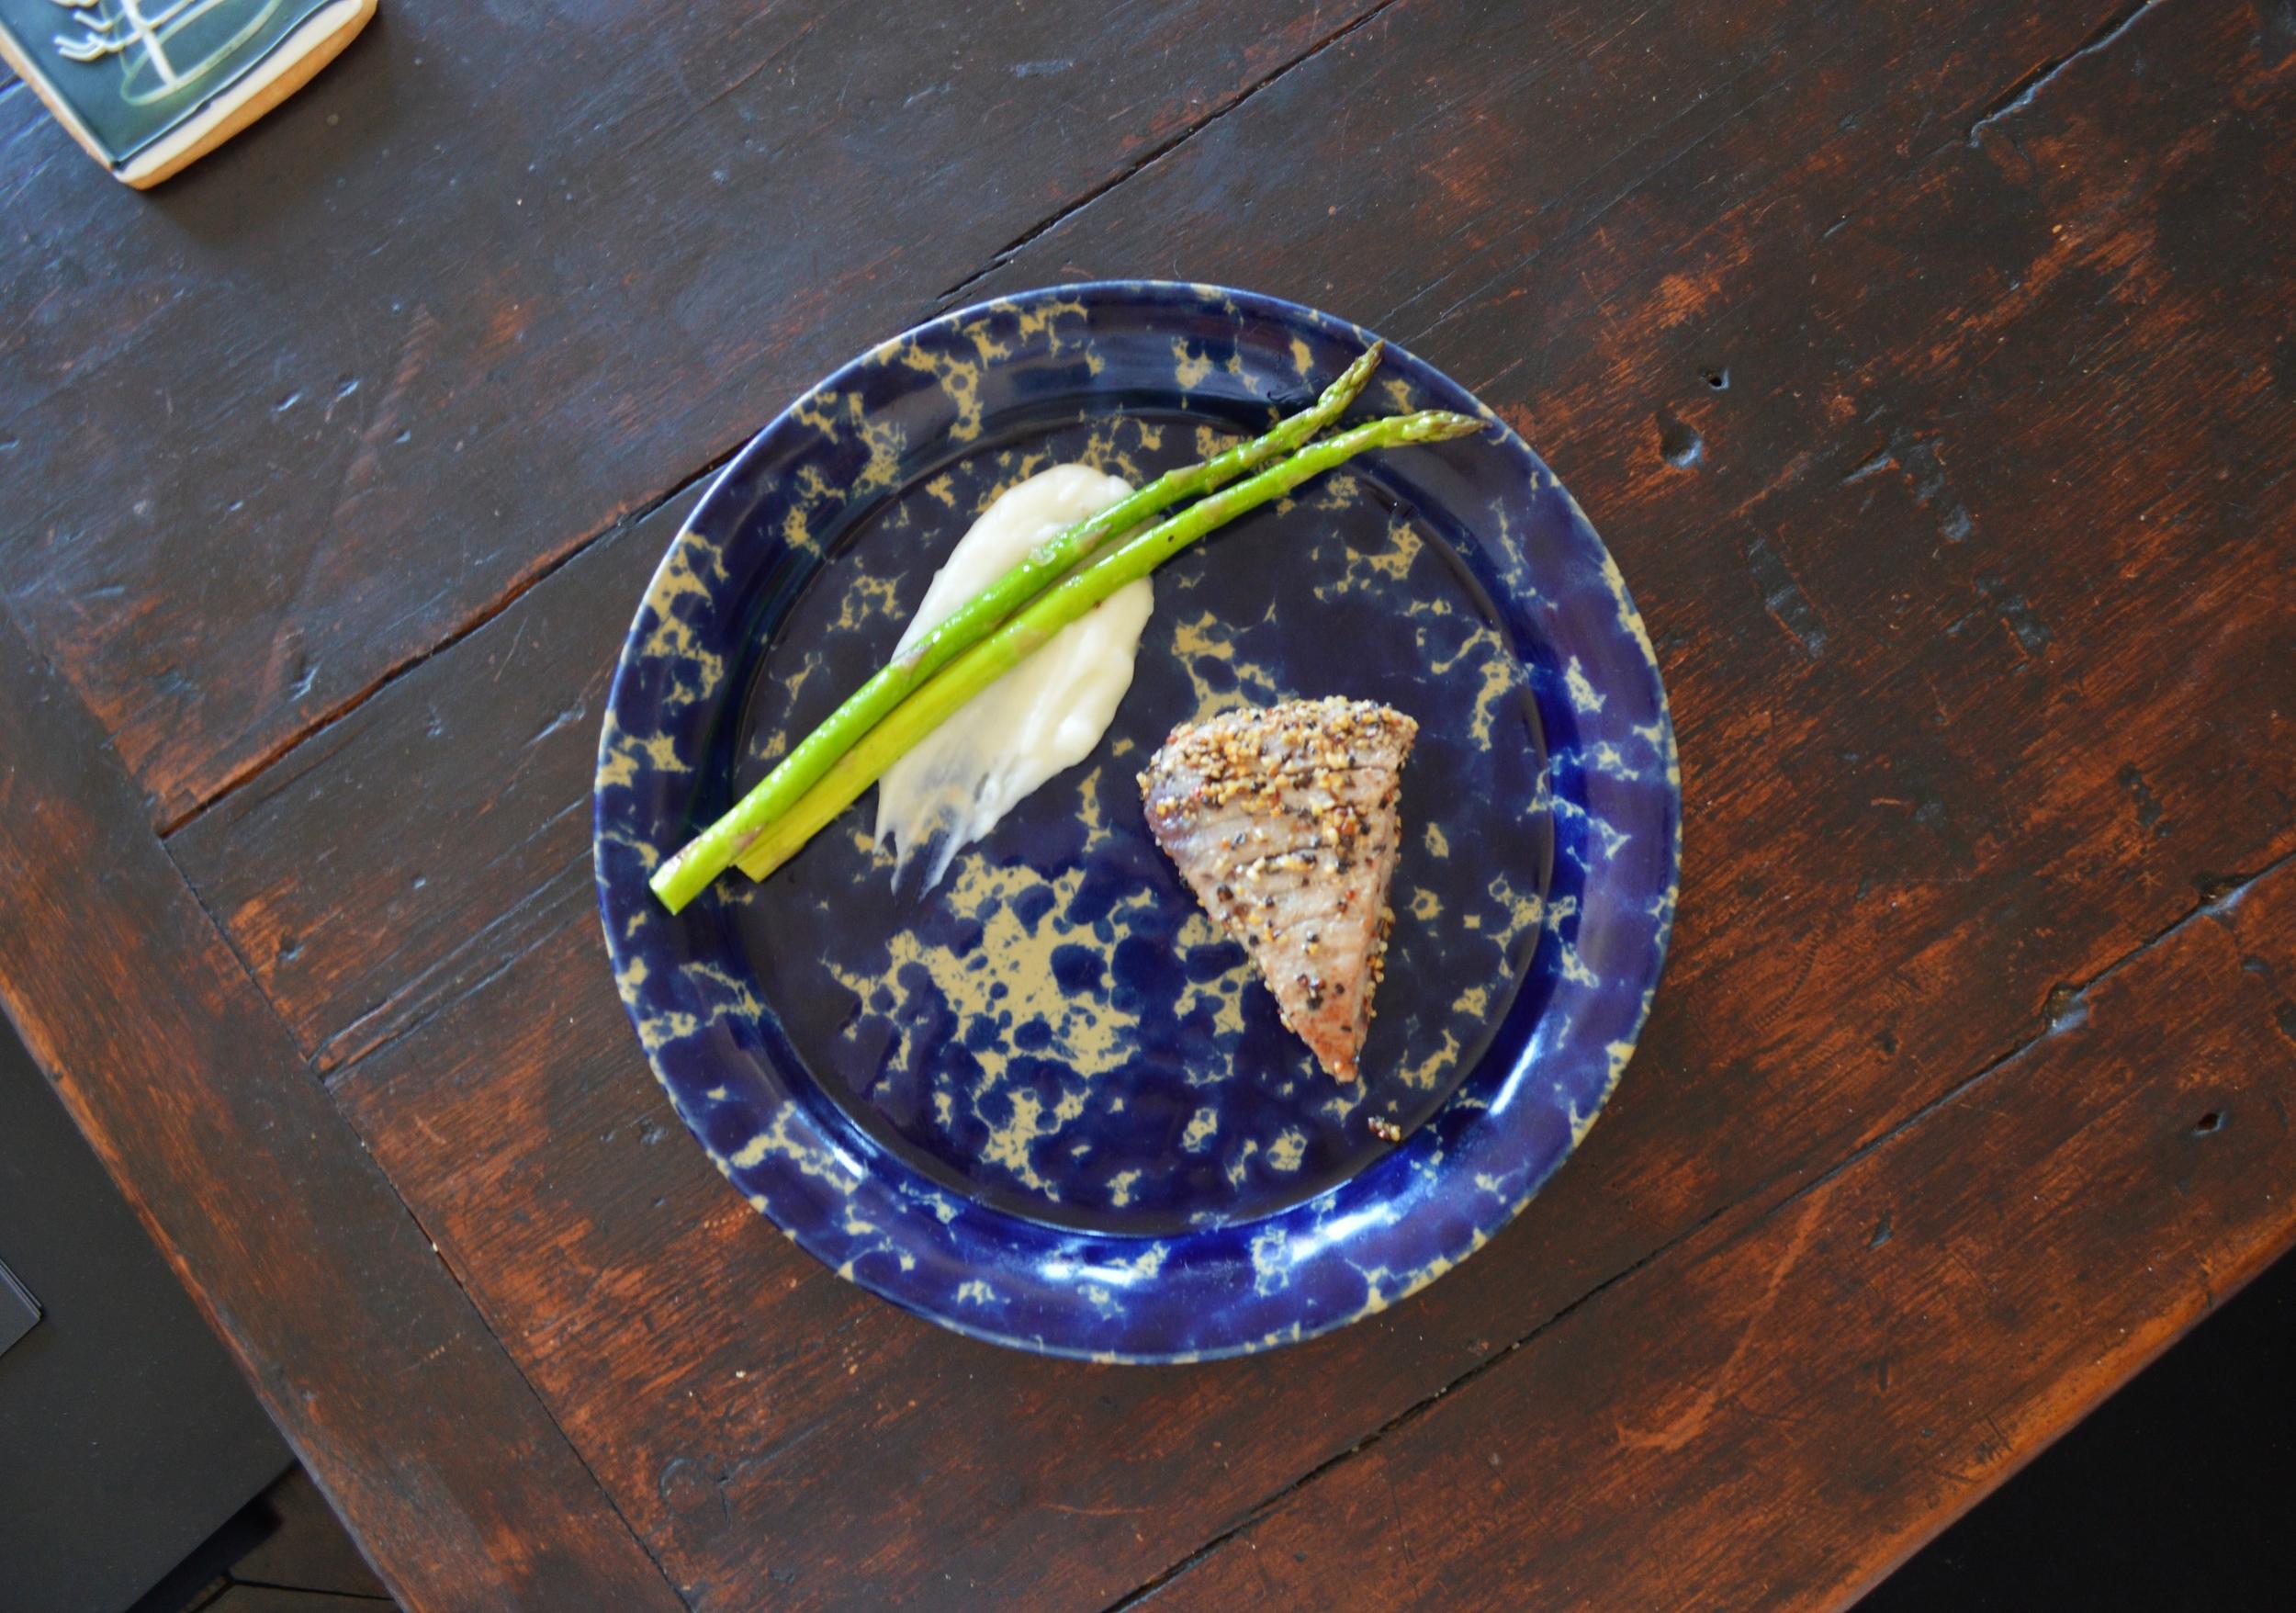 Seared tuna with potato puree and asparagus